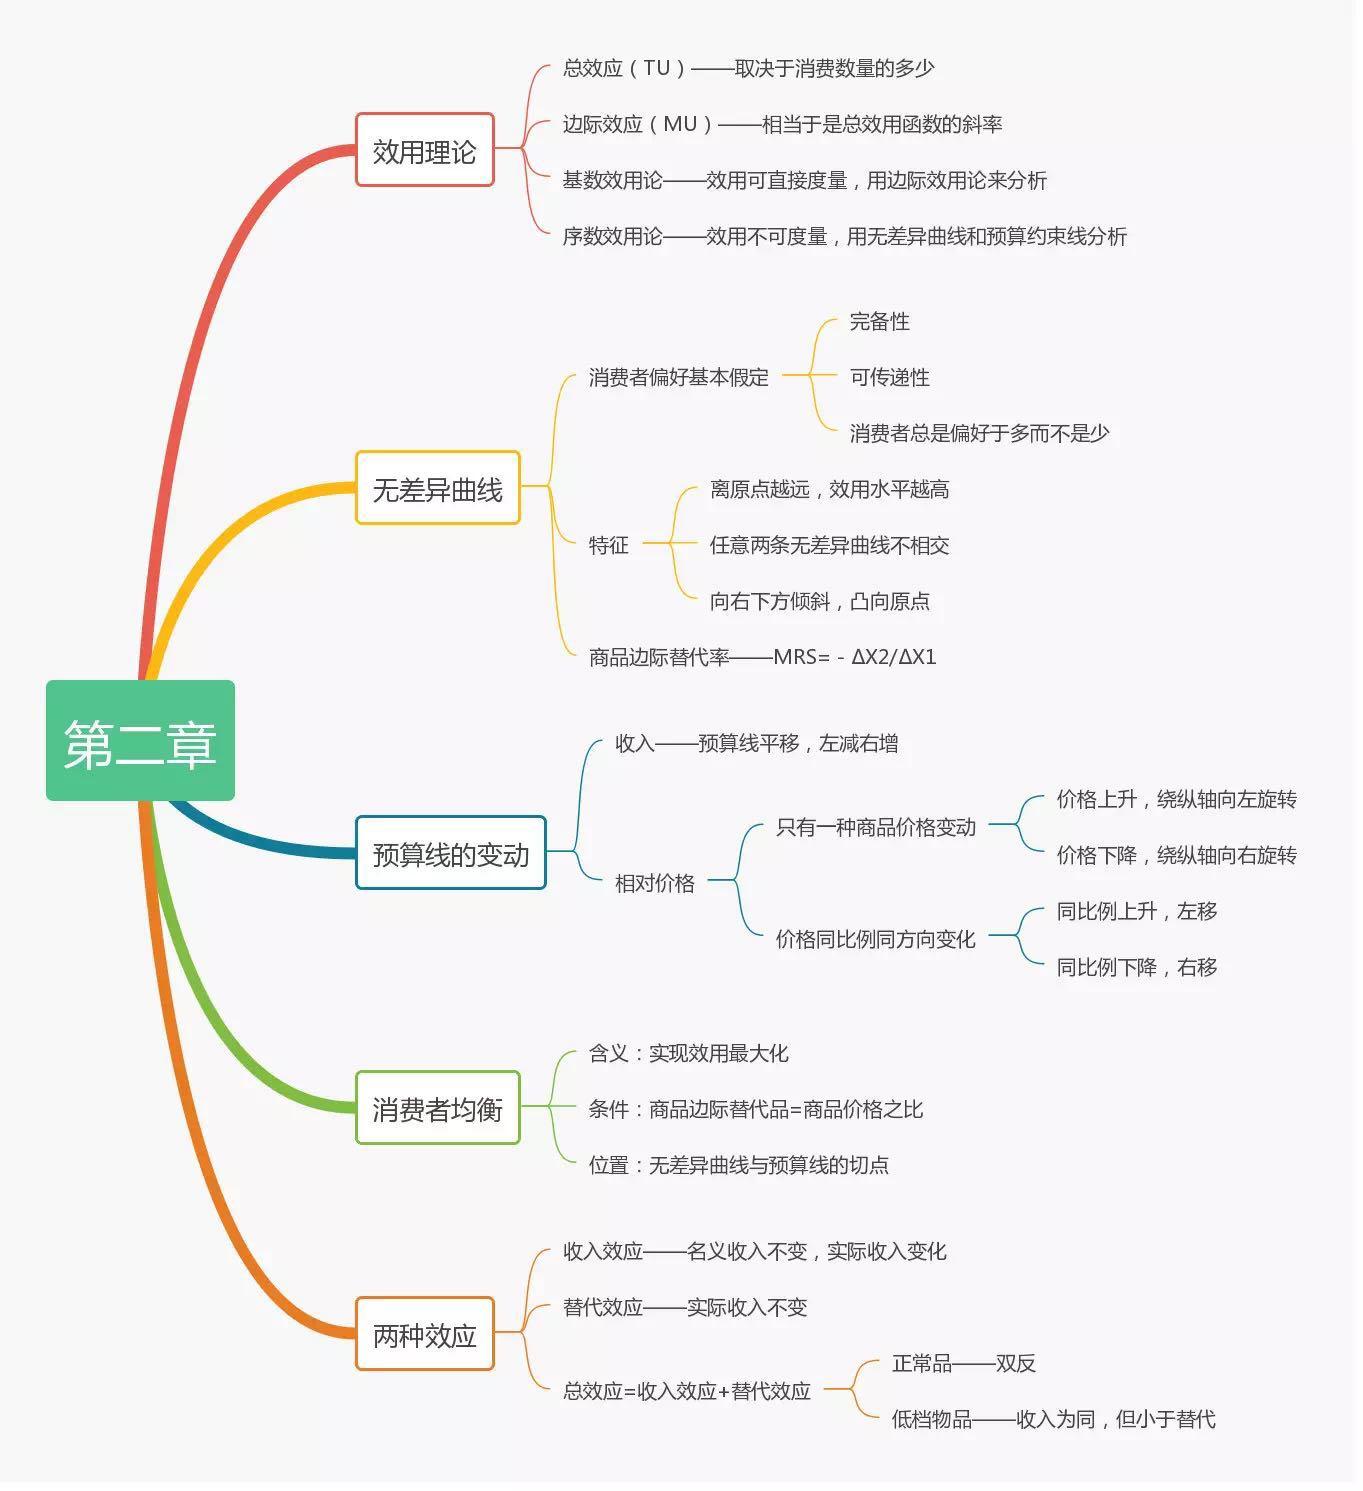 2019中级经济师考试《经济基础》思维导图(第二章)